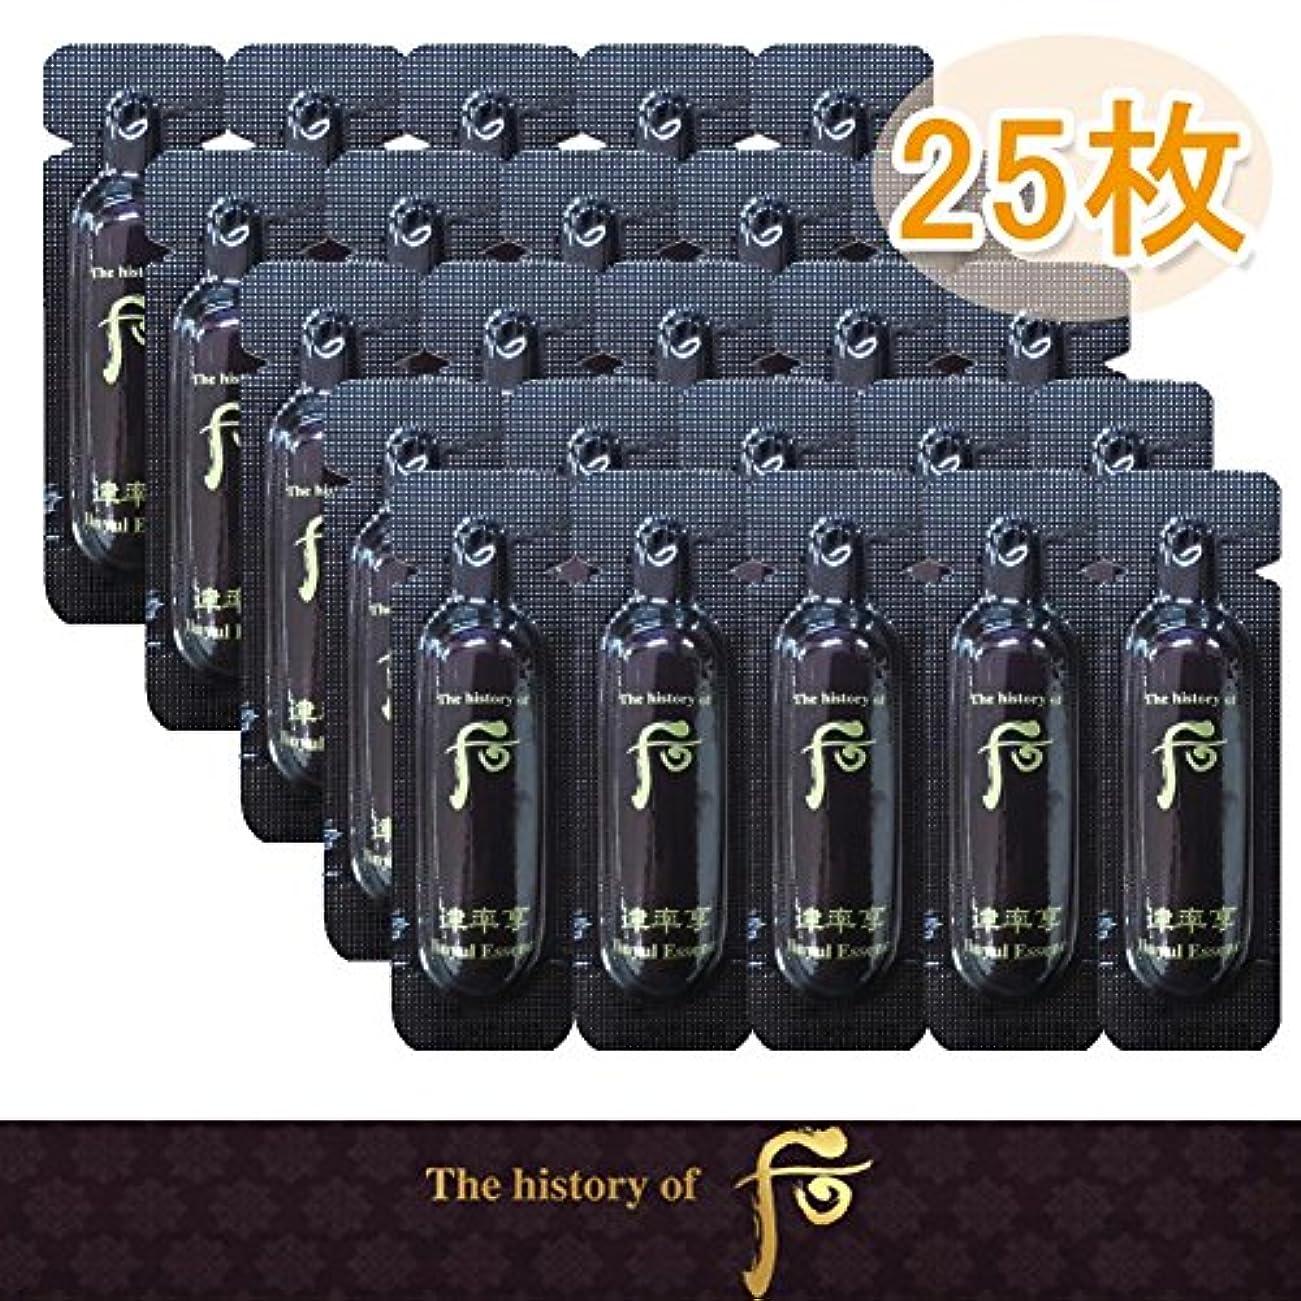 何もないストライドガチョウ【韓国コスメ オフィThe history of 后 [ドフー]Whoo Jinyul Essence ジンユルエッセンス サンプル 1ml x25枚 25ml+ Sample Gift [海外直送品]